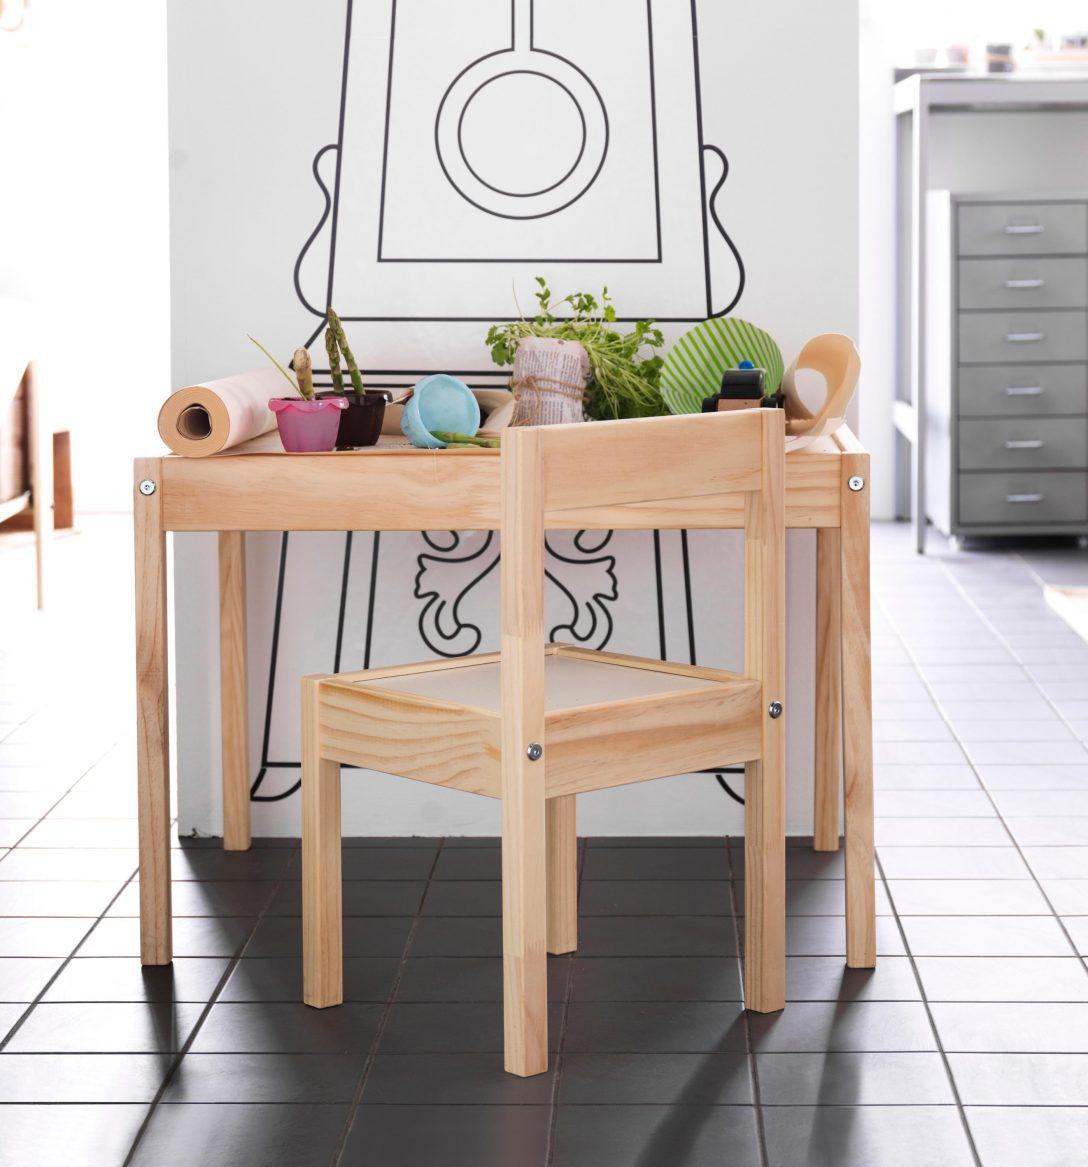 Full Size of Miniküche Ikea Singlekche Minikche Mit Geschirrspler Kchen Edelstahl Stengel Küche Kosten Sofa Schlaffunktion Betten 160x200 Bei Modulküche Kaufen Wohnzimmer Miniküche Ikea